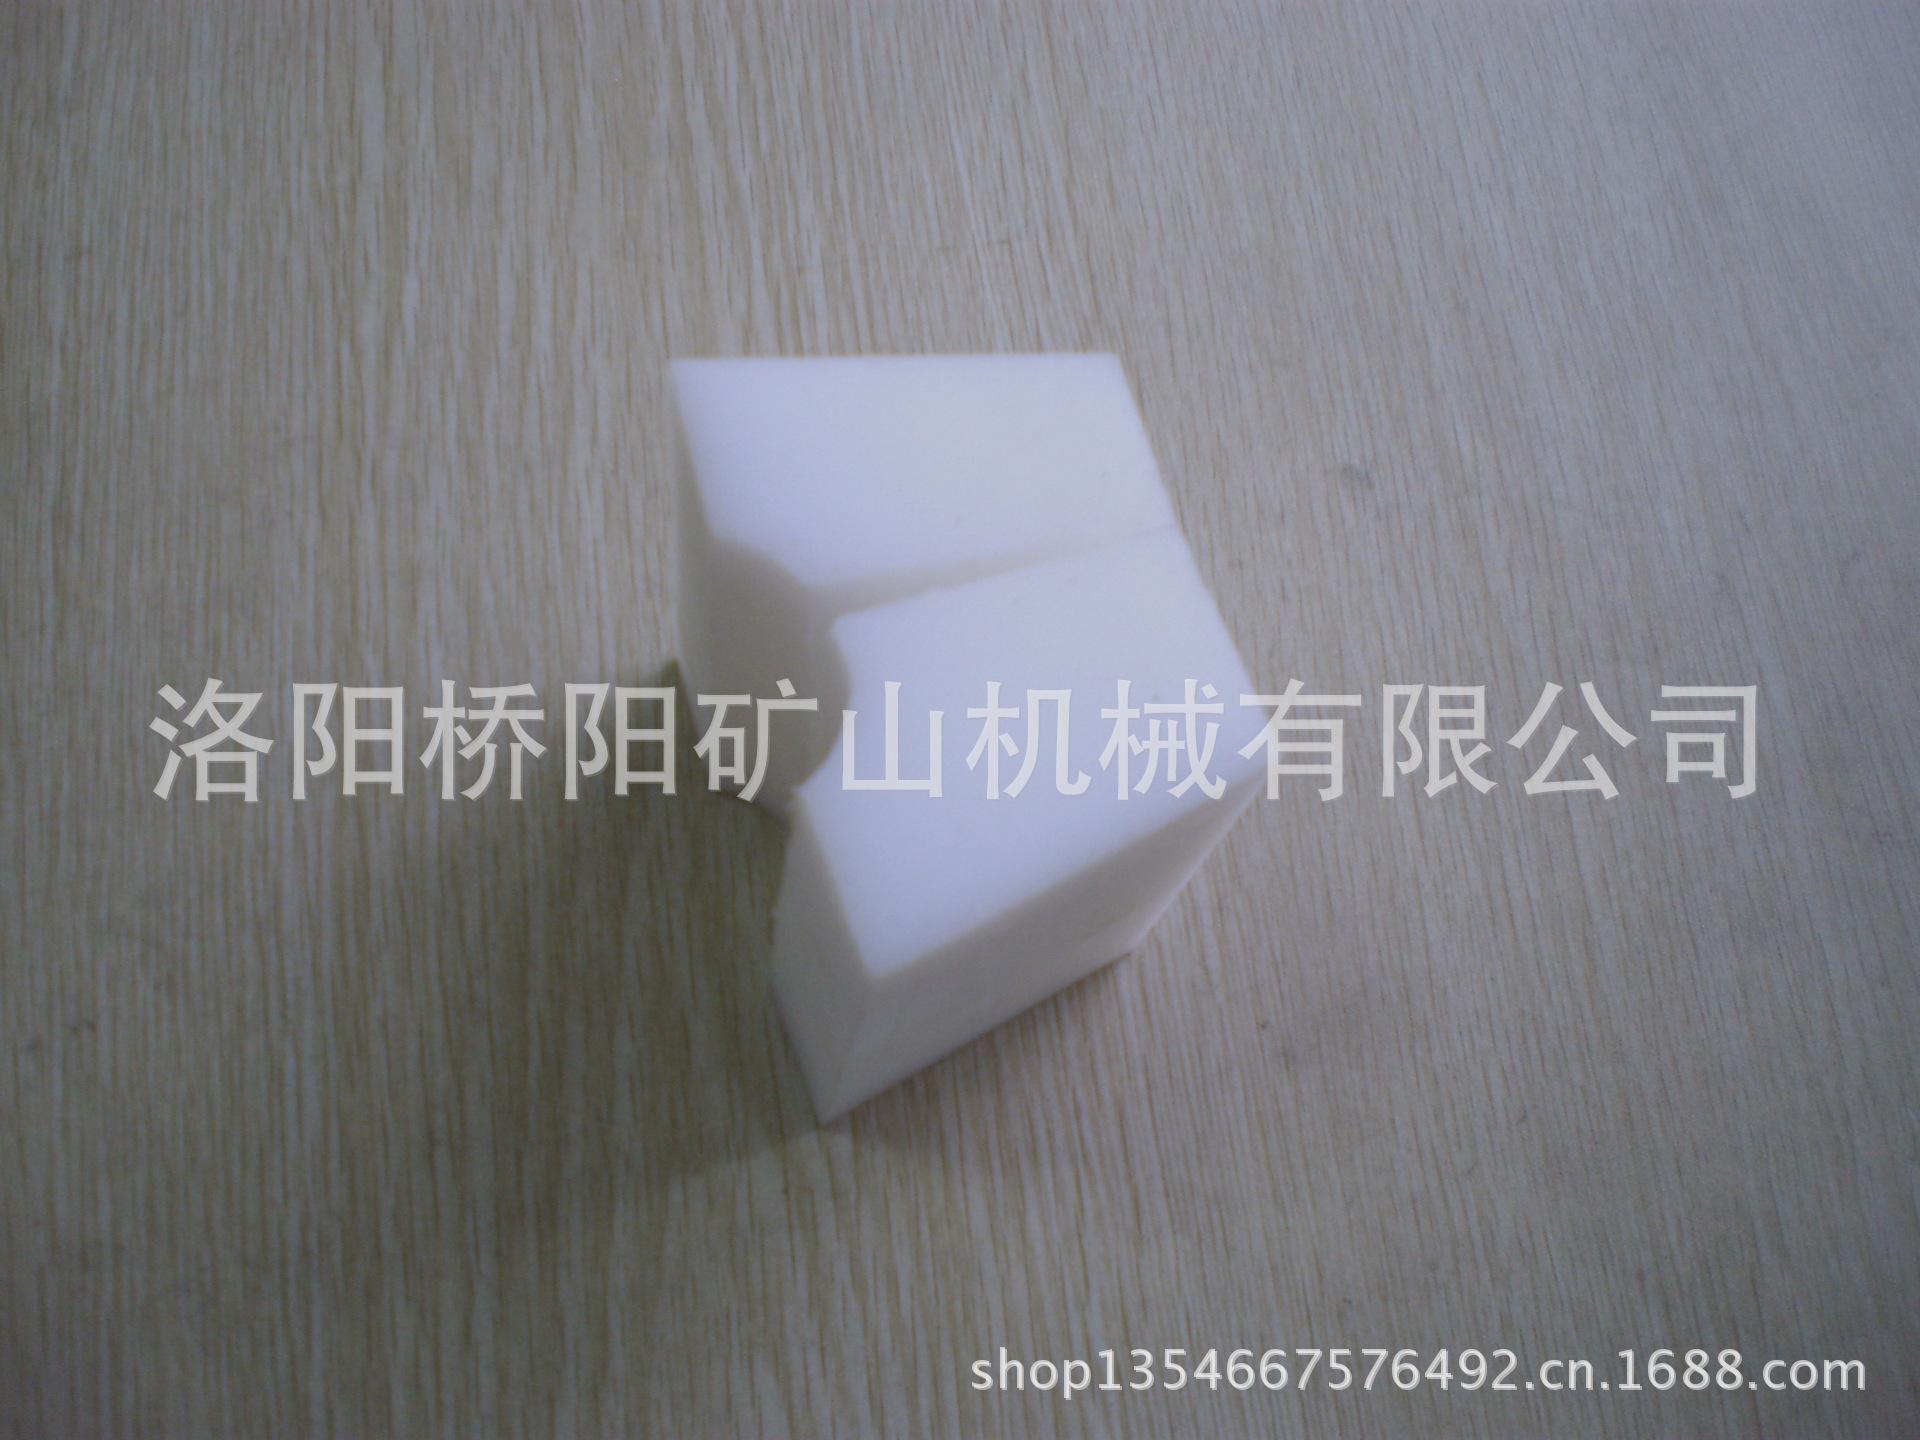 厂家直销超高分子KP-09天轮衬块,聚乙烯天轮衬块,塑料制